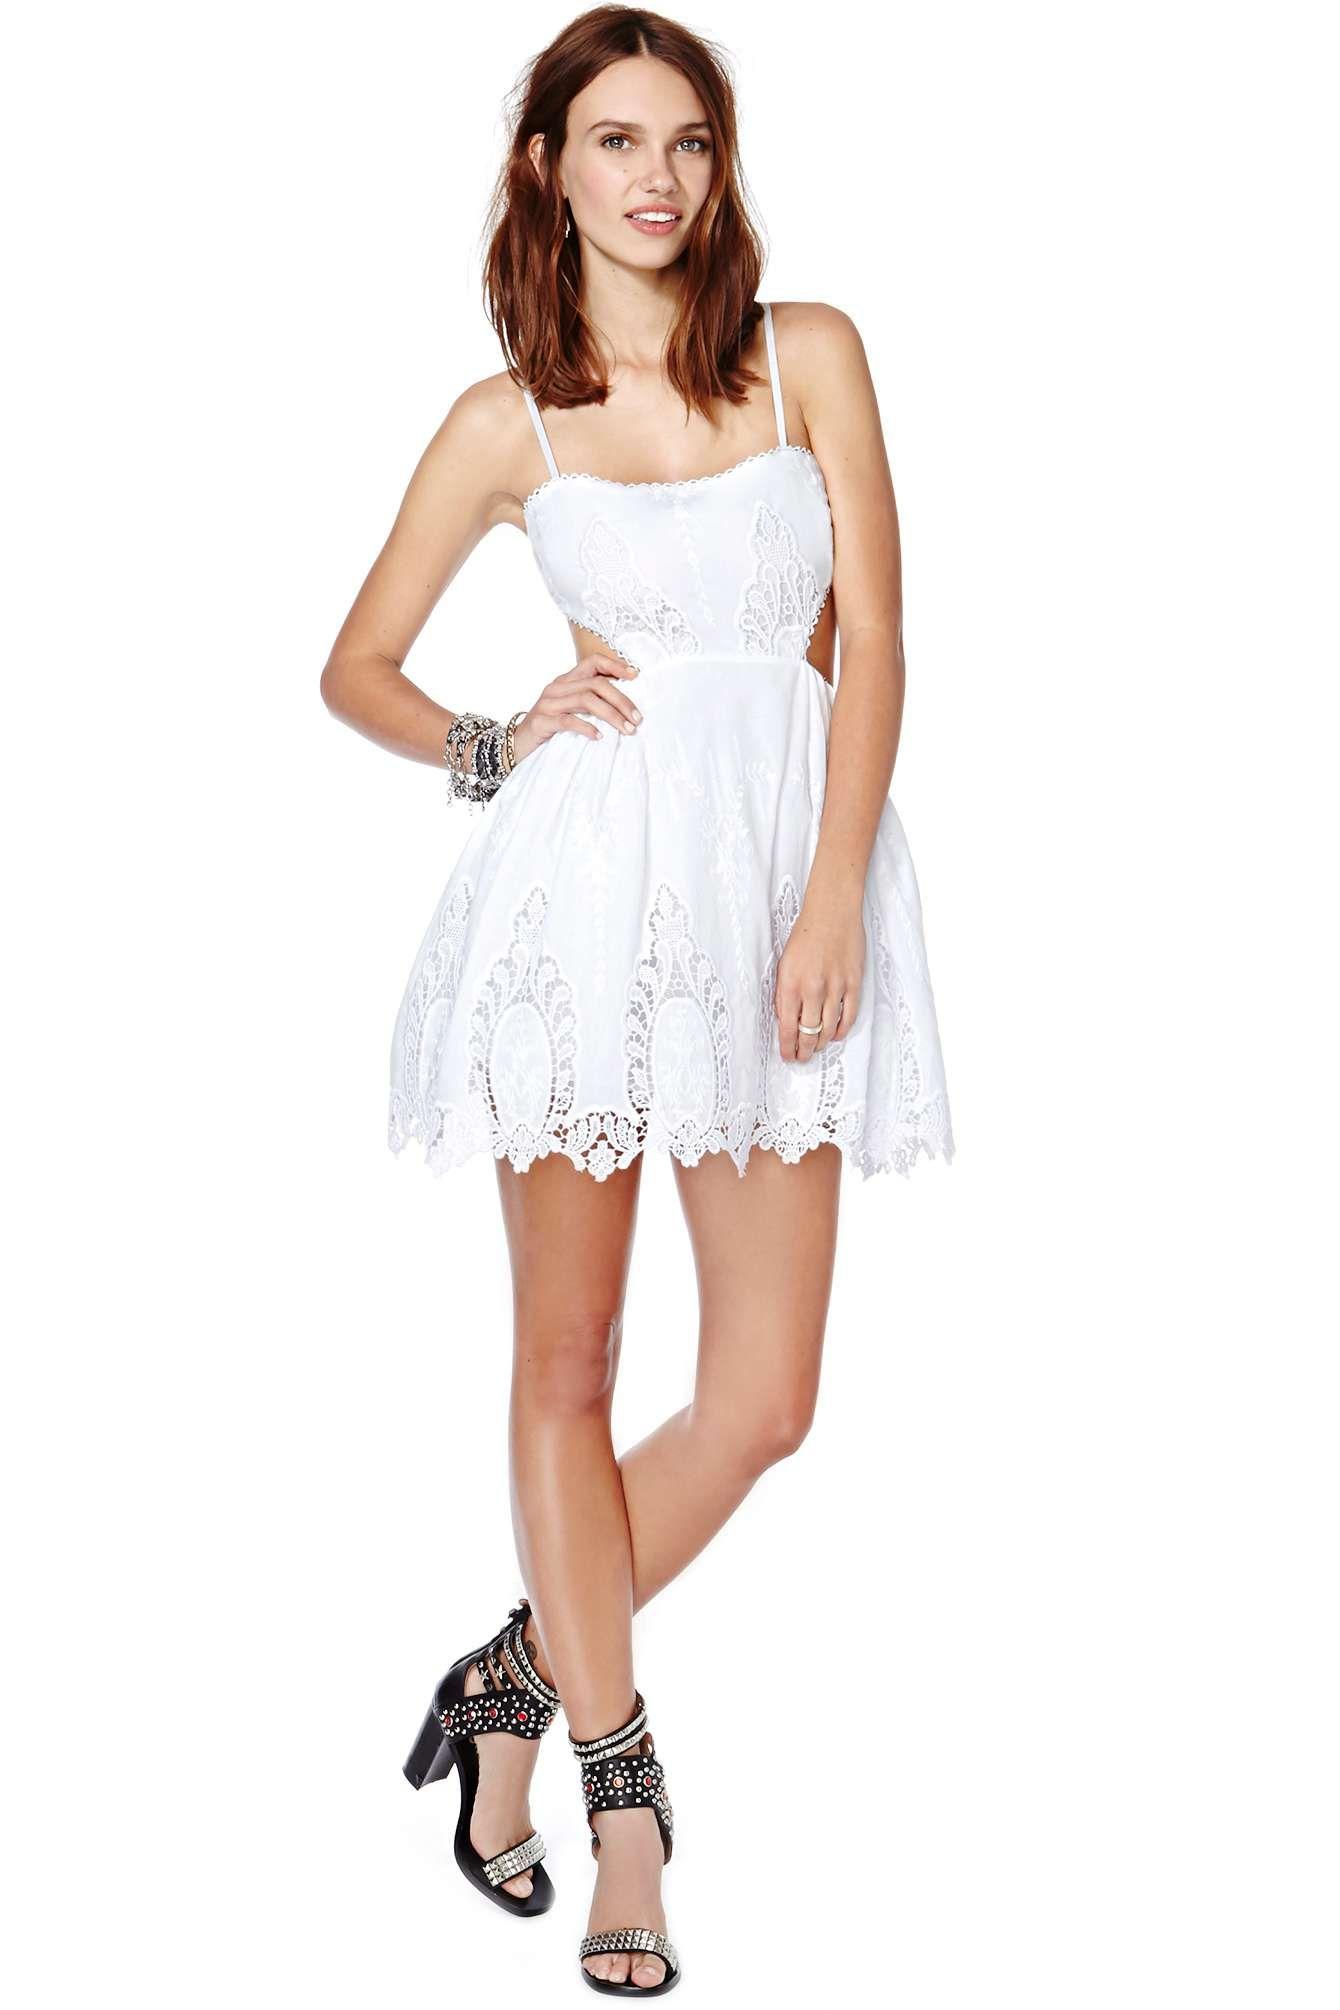 Nasty Gal Skate-Laced Dress   Shop Dresses at Nasty Gal